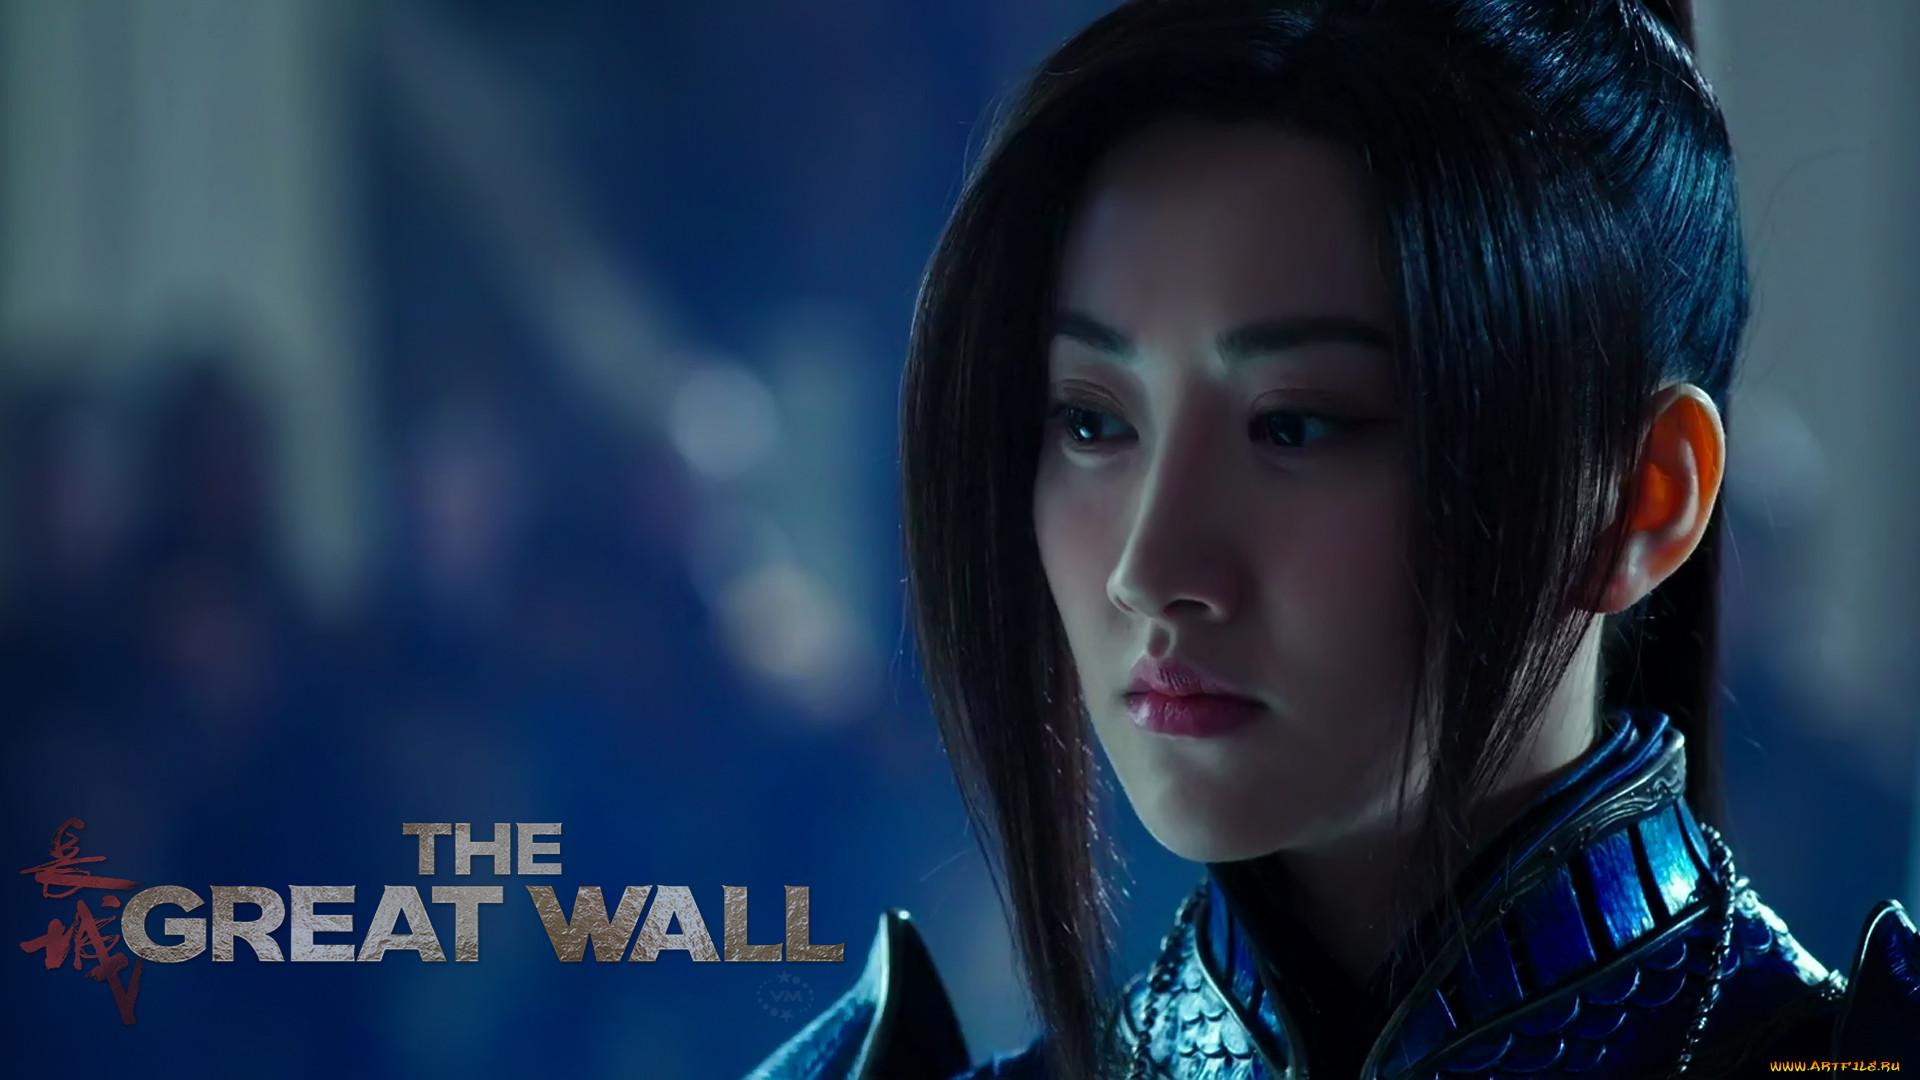 могут использоваться великая стена актеры и роли фото герпеса руках дают